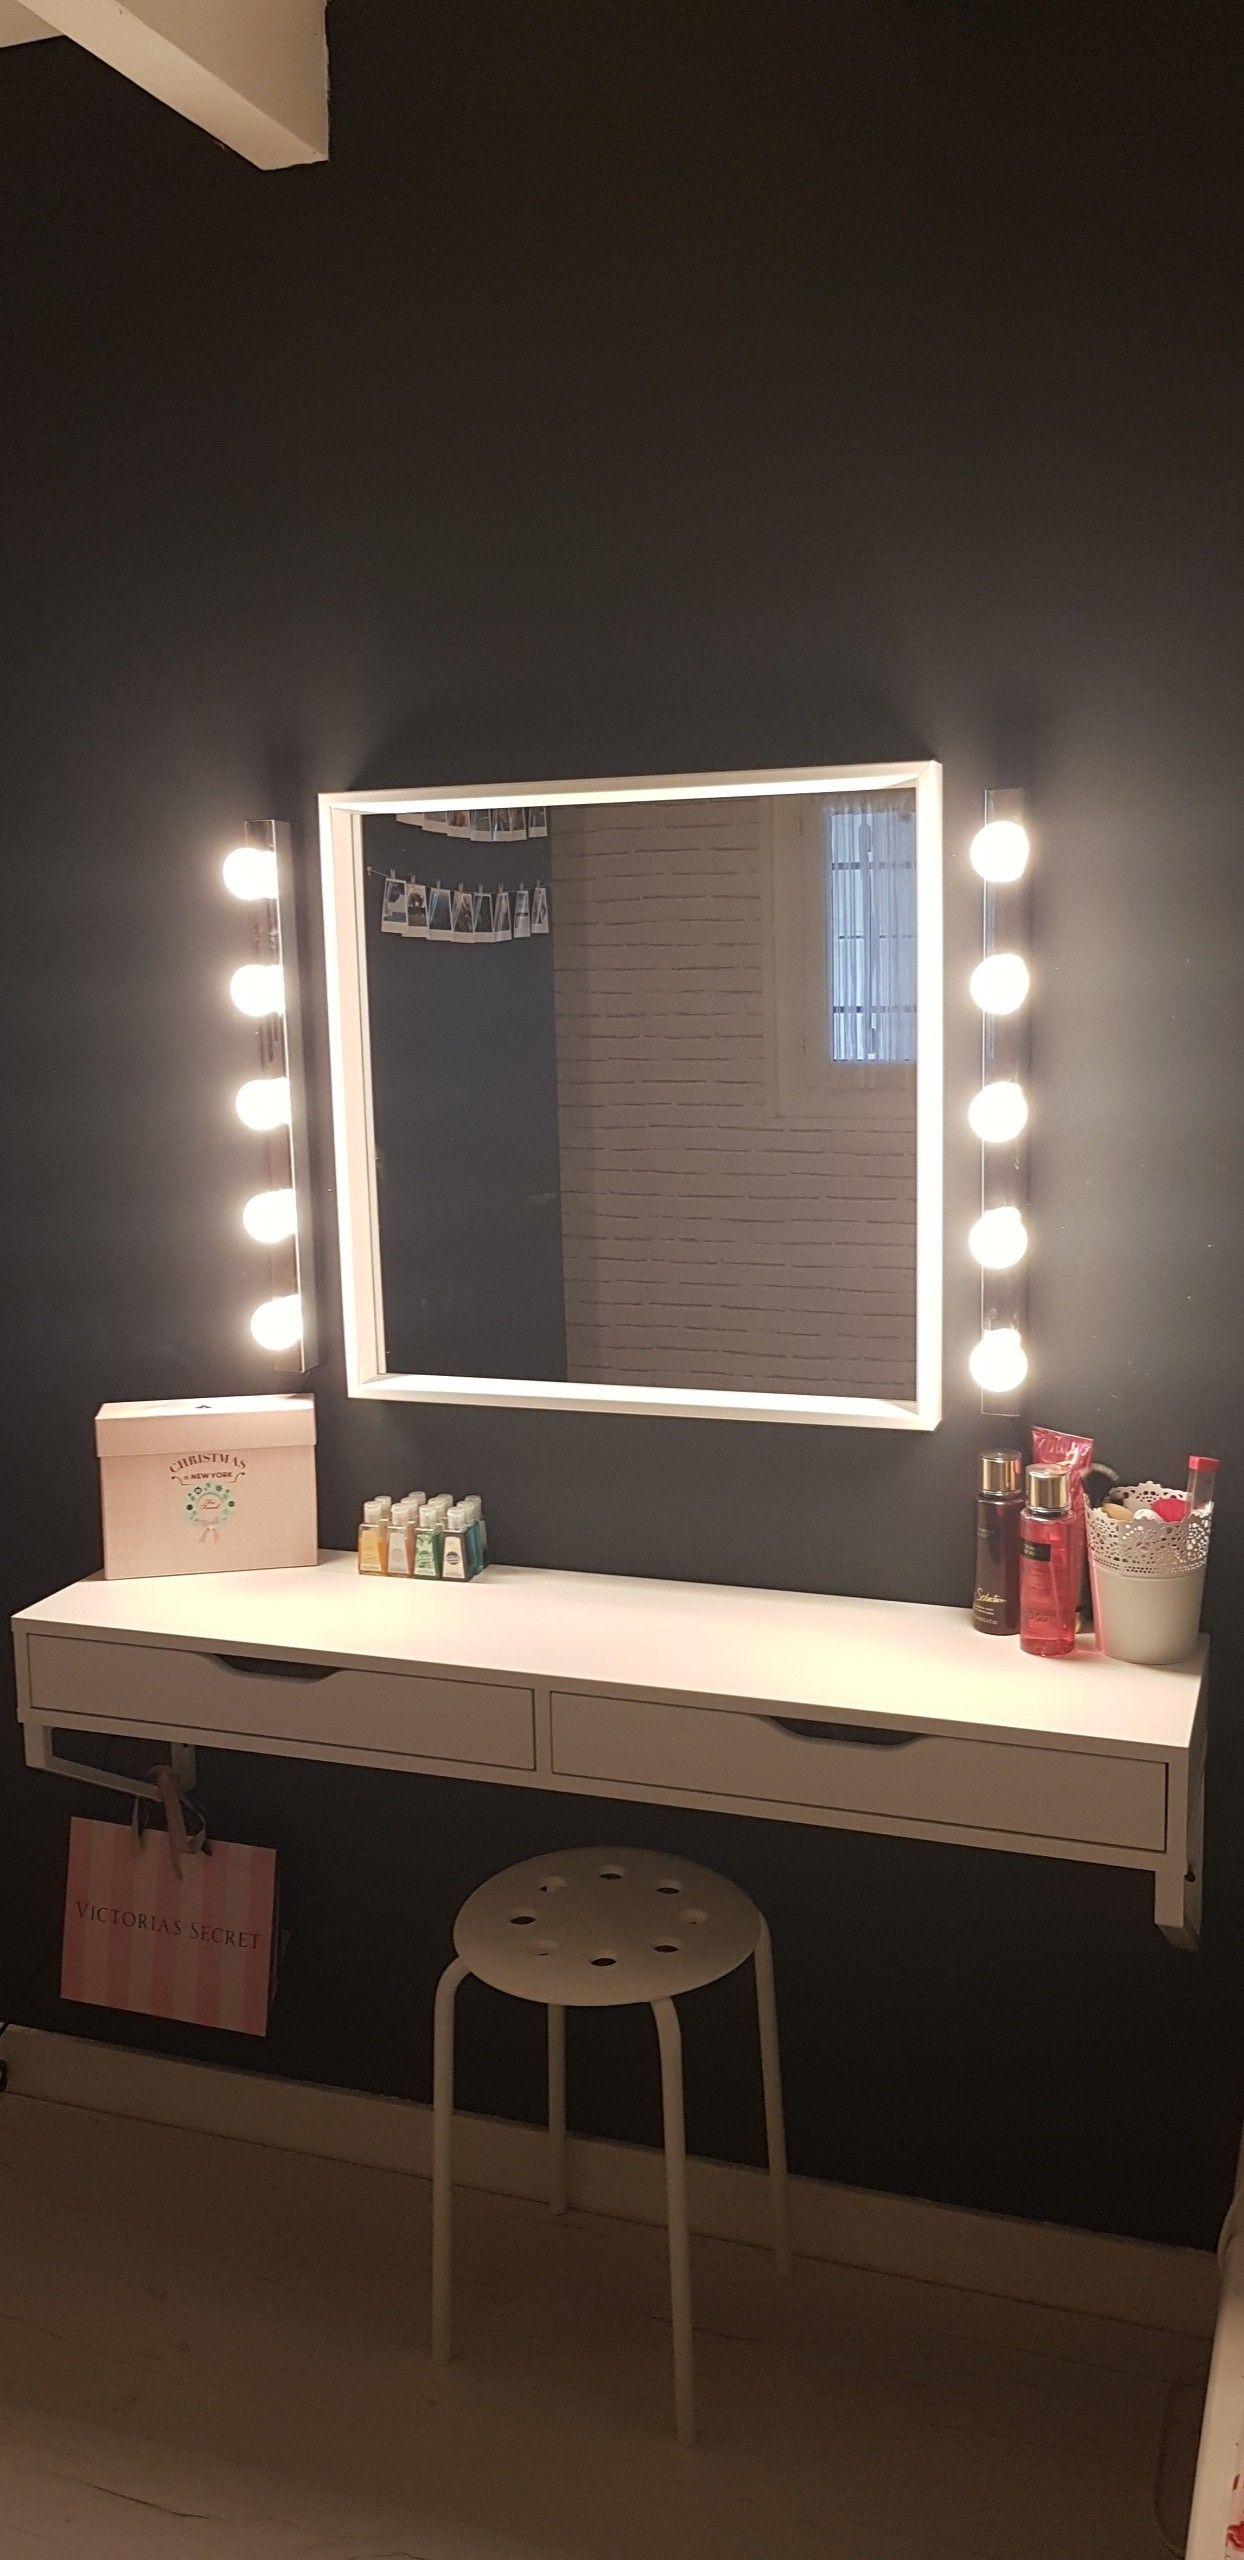 Coiffeuse maquillage ikea makeup deco diy en 2019 chambre coiffeuse miroir coiffeuse et - Ikea miroir chambre ...